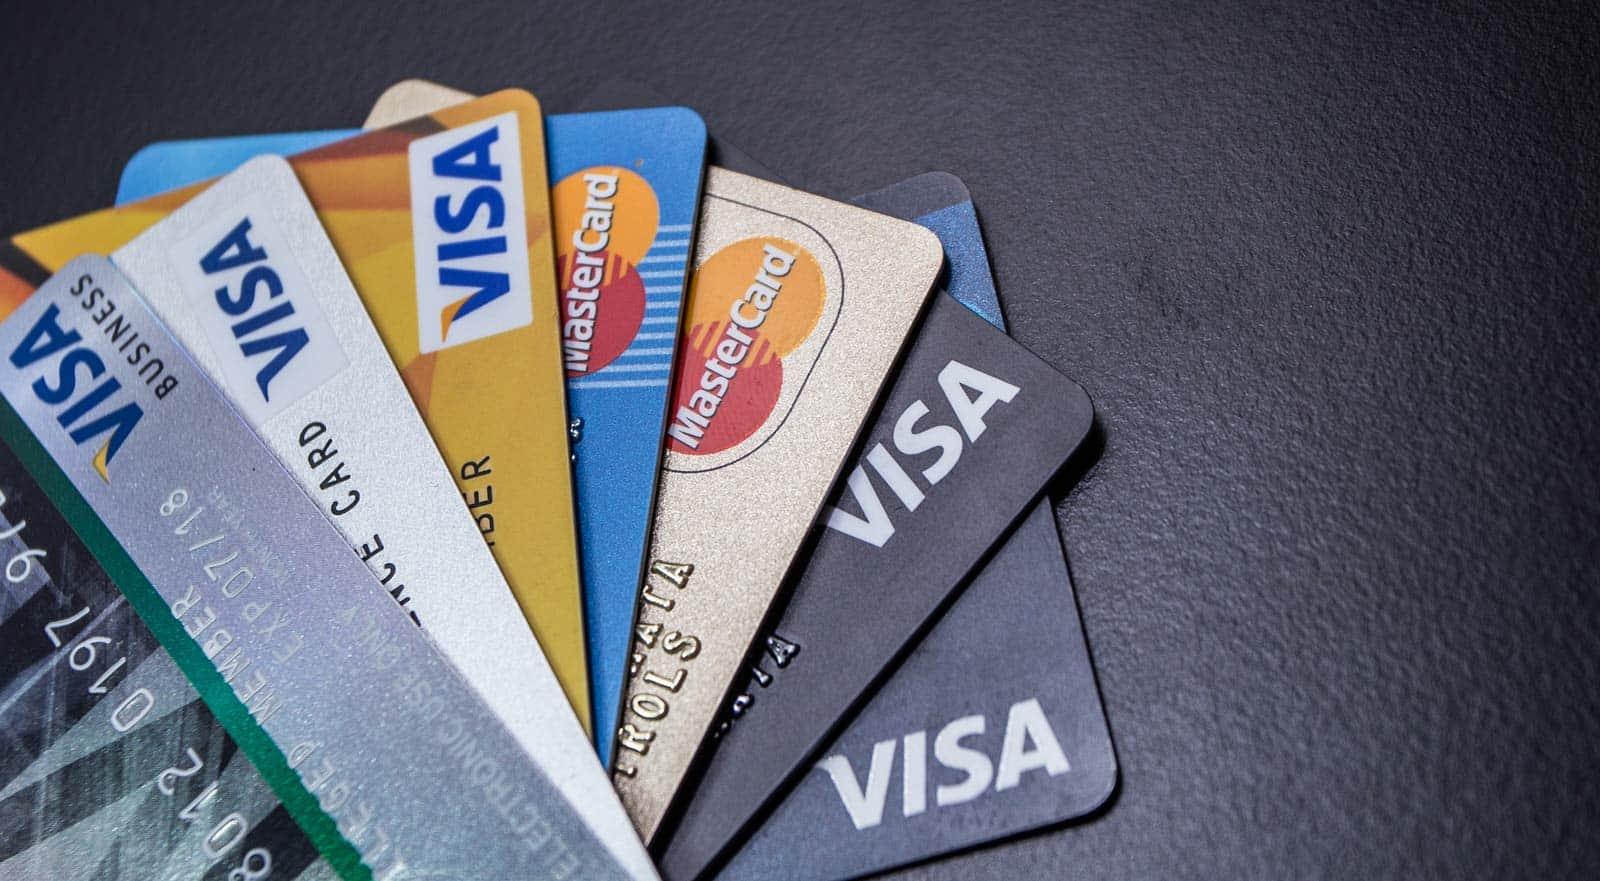 Krediti na kartice